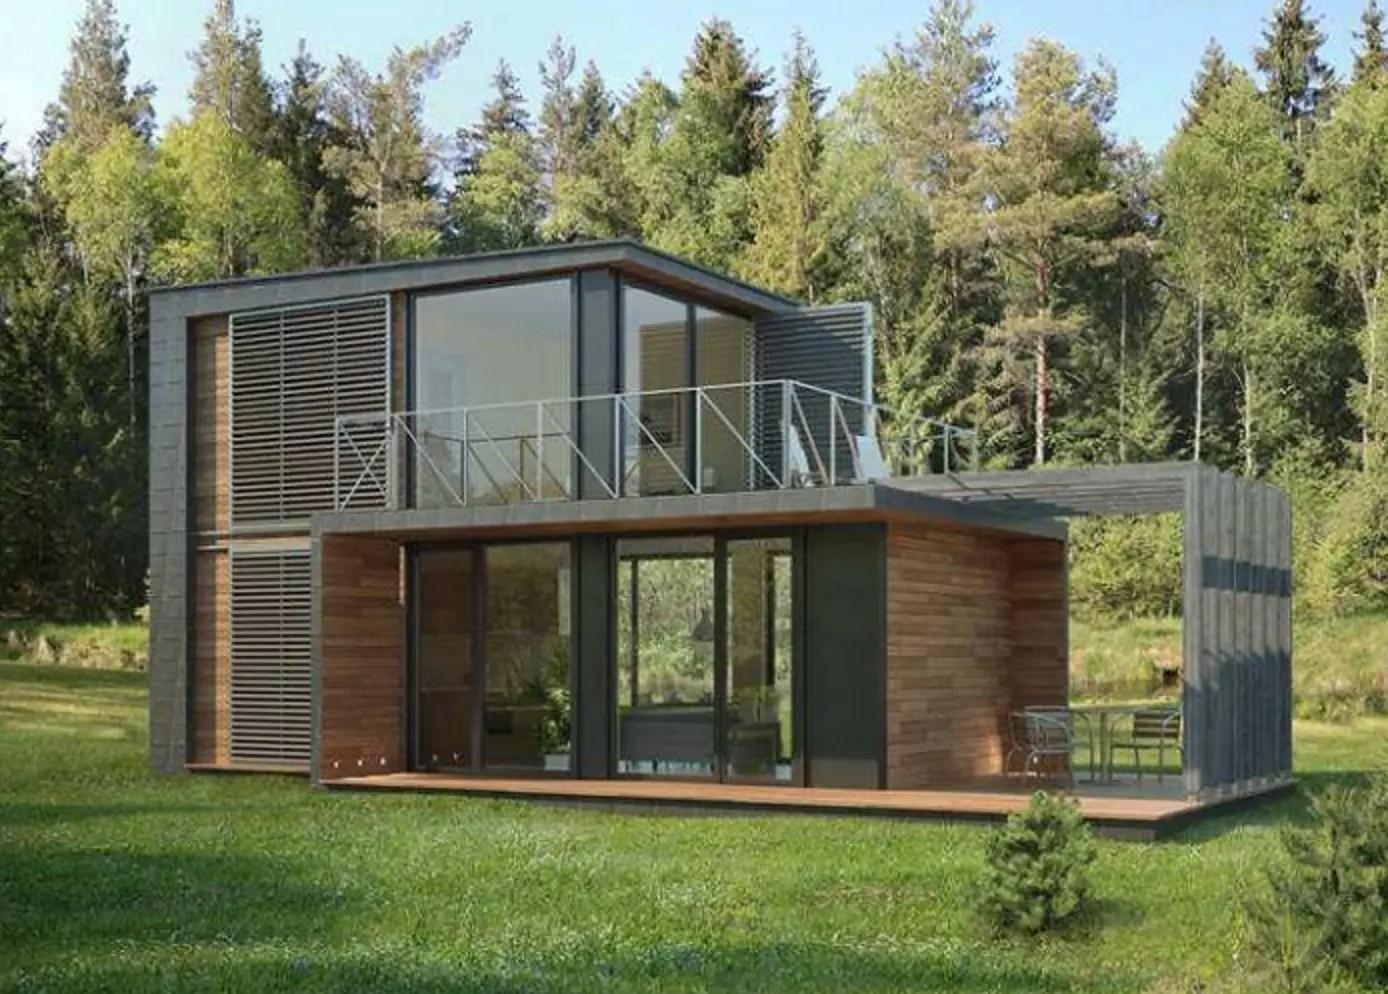 Comment construire une maison container en France? - PLANETE DECO a homes world